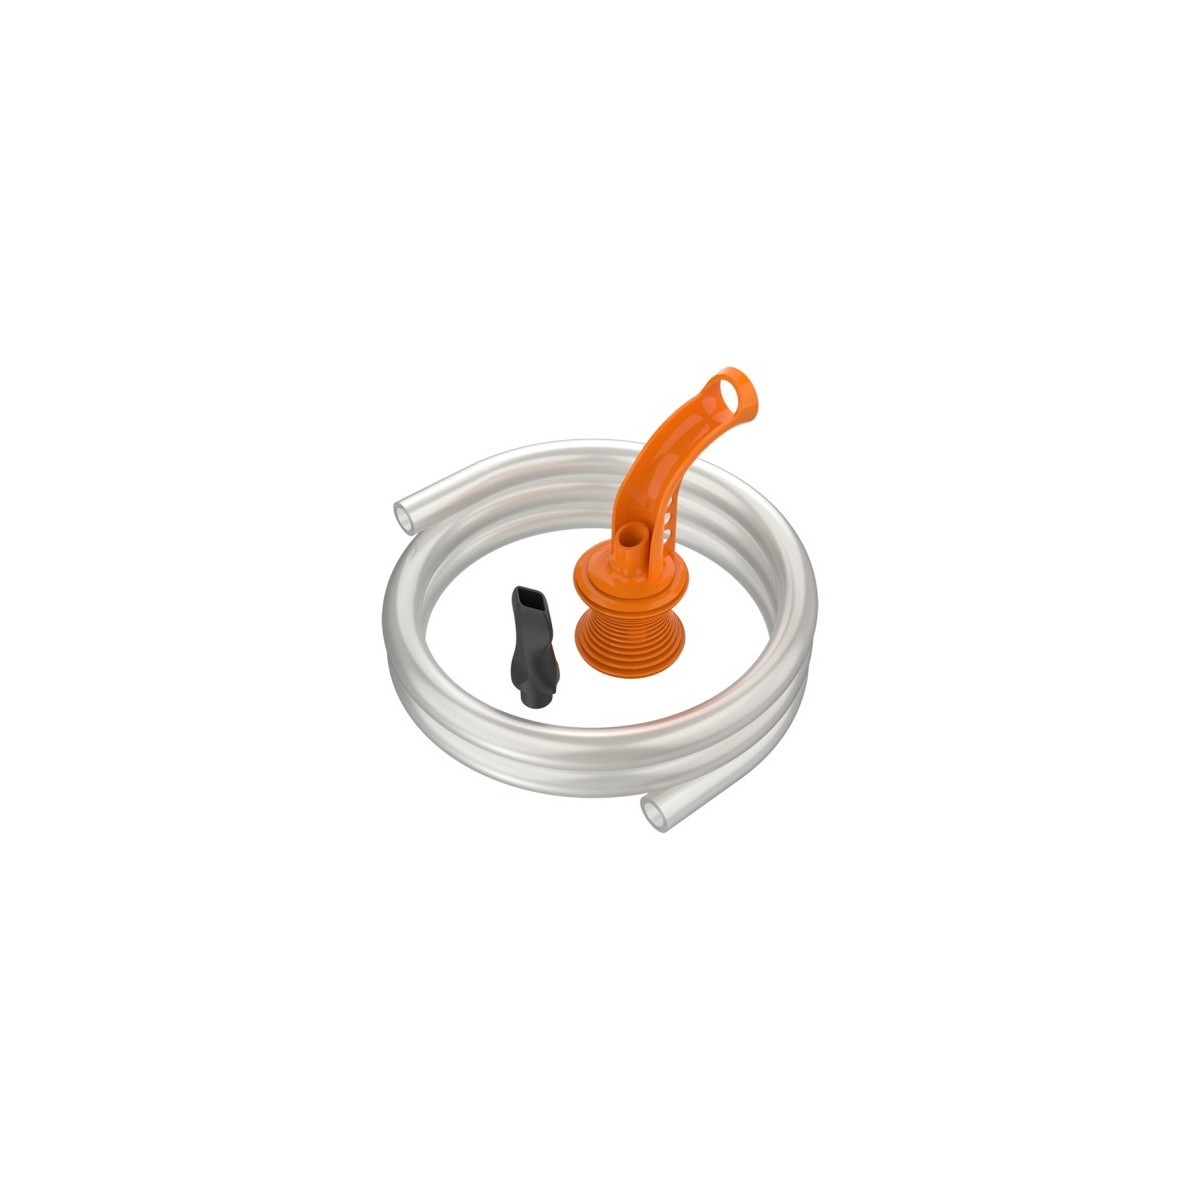 Kit tube - Volcano hybrid Storz & Bickel - 3